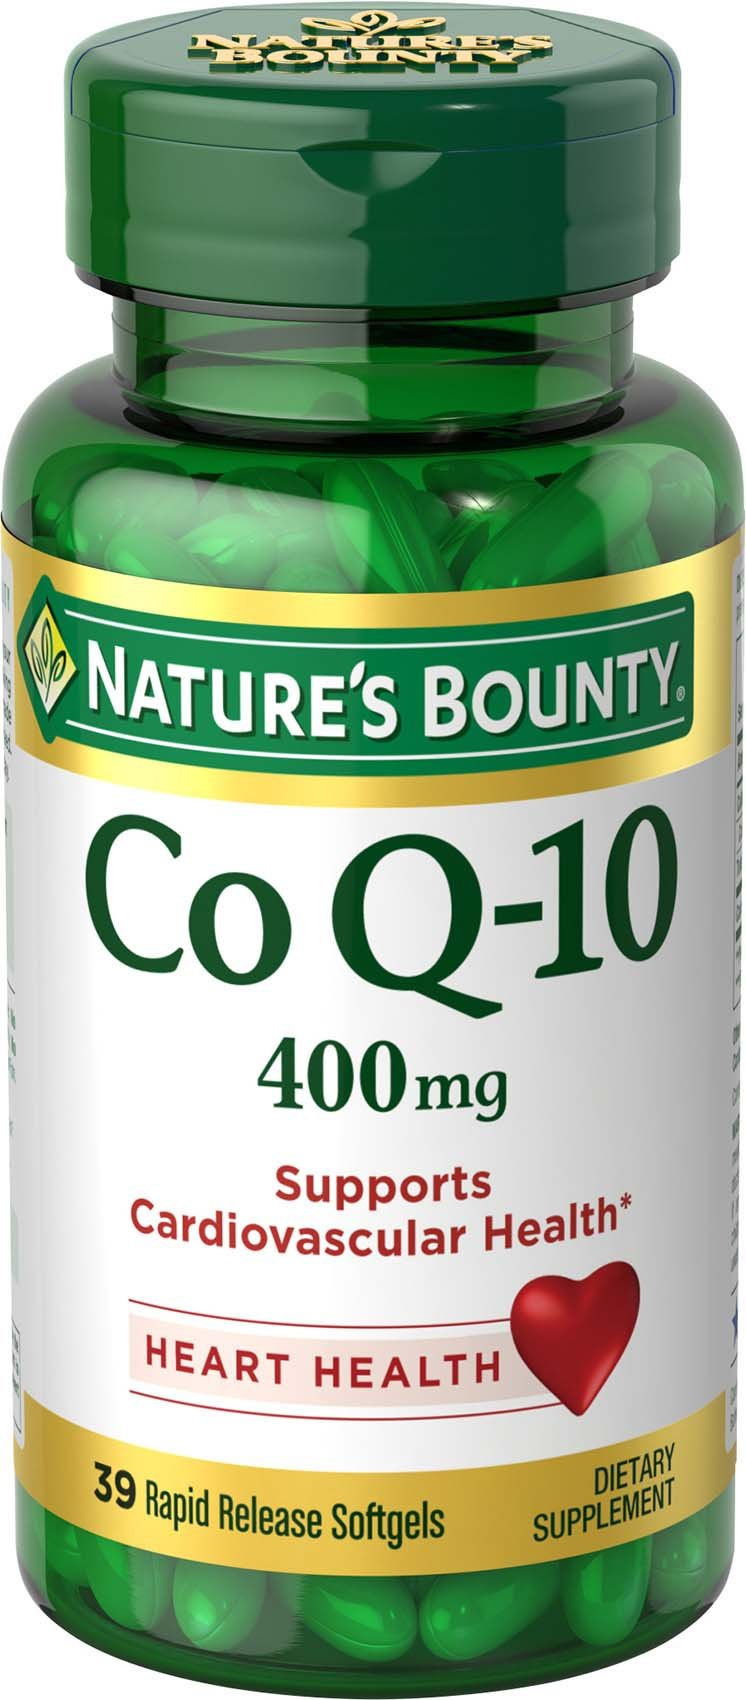 bounty nature mg softgels biotin rapid q10 release liquid capsules cardio natures amazon coq10 pack tea maximum strength health 5000mcg